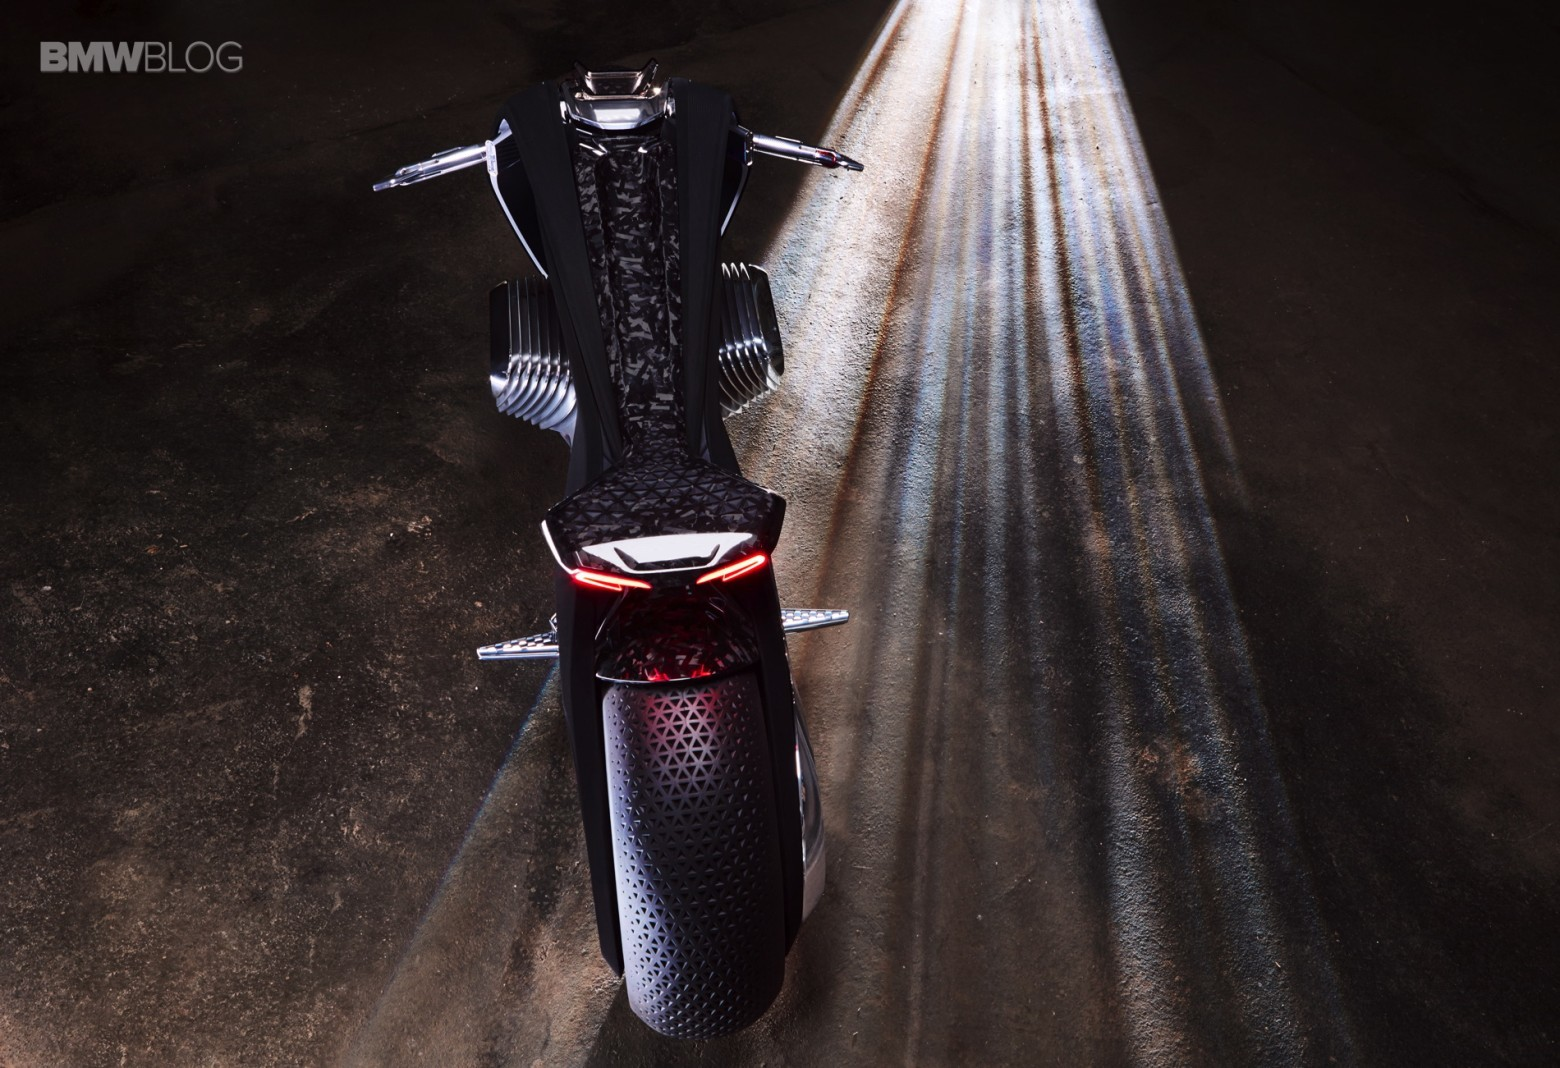 Концепт гибкого мотоцикла BMW Motorrad VISION NEXT 100 - 4